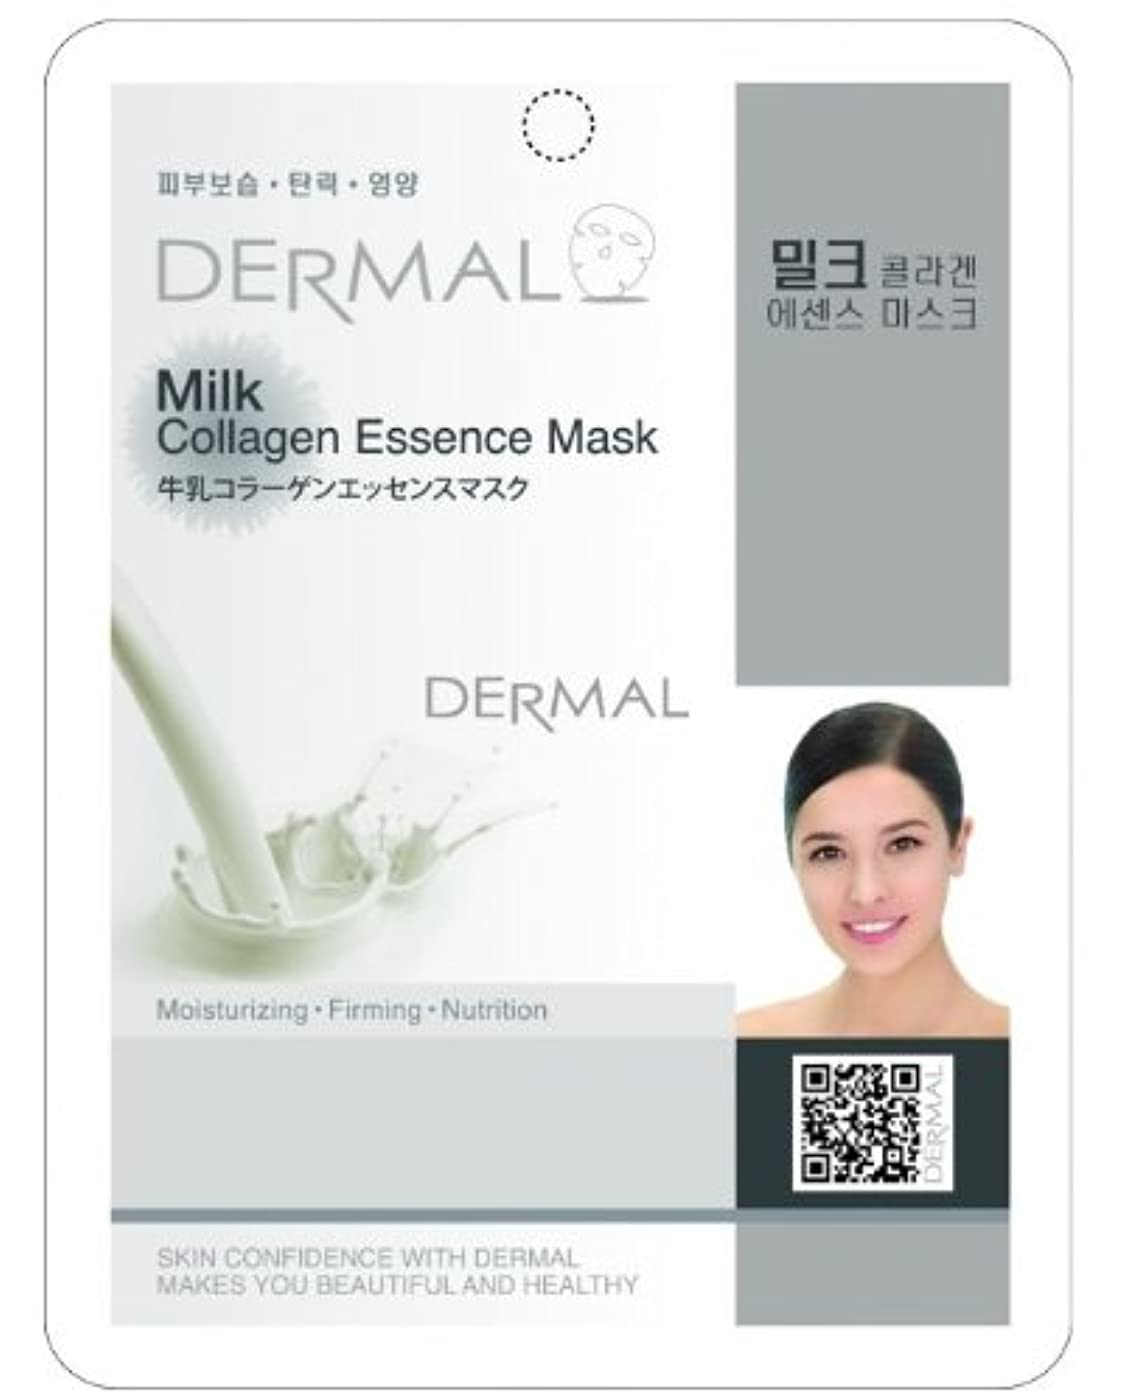 フルーツ野菜行列オアシスミルクシートマスク(フェイスパック) 100枚セット ダーマル(Dermal)